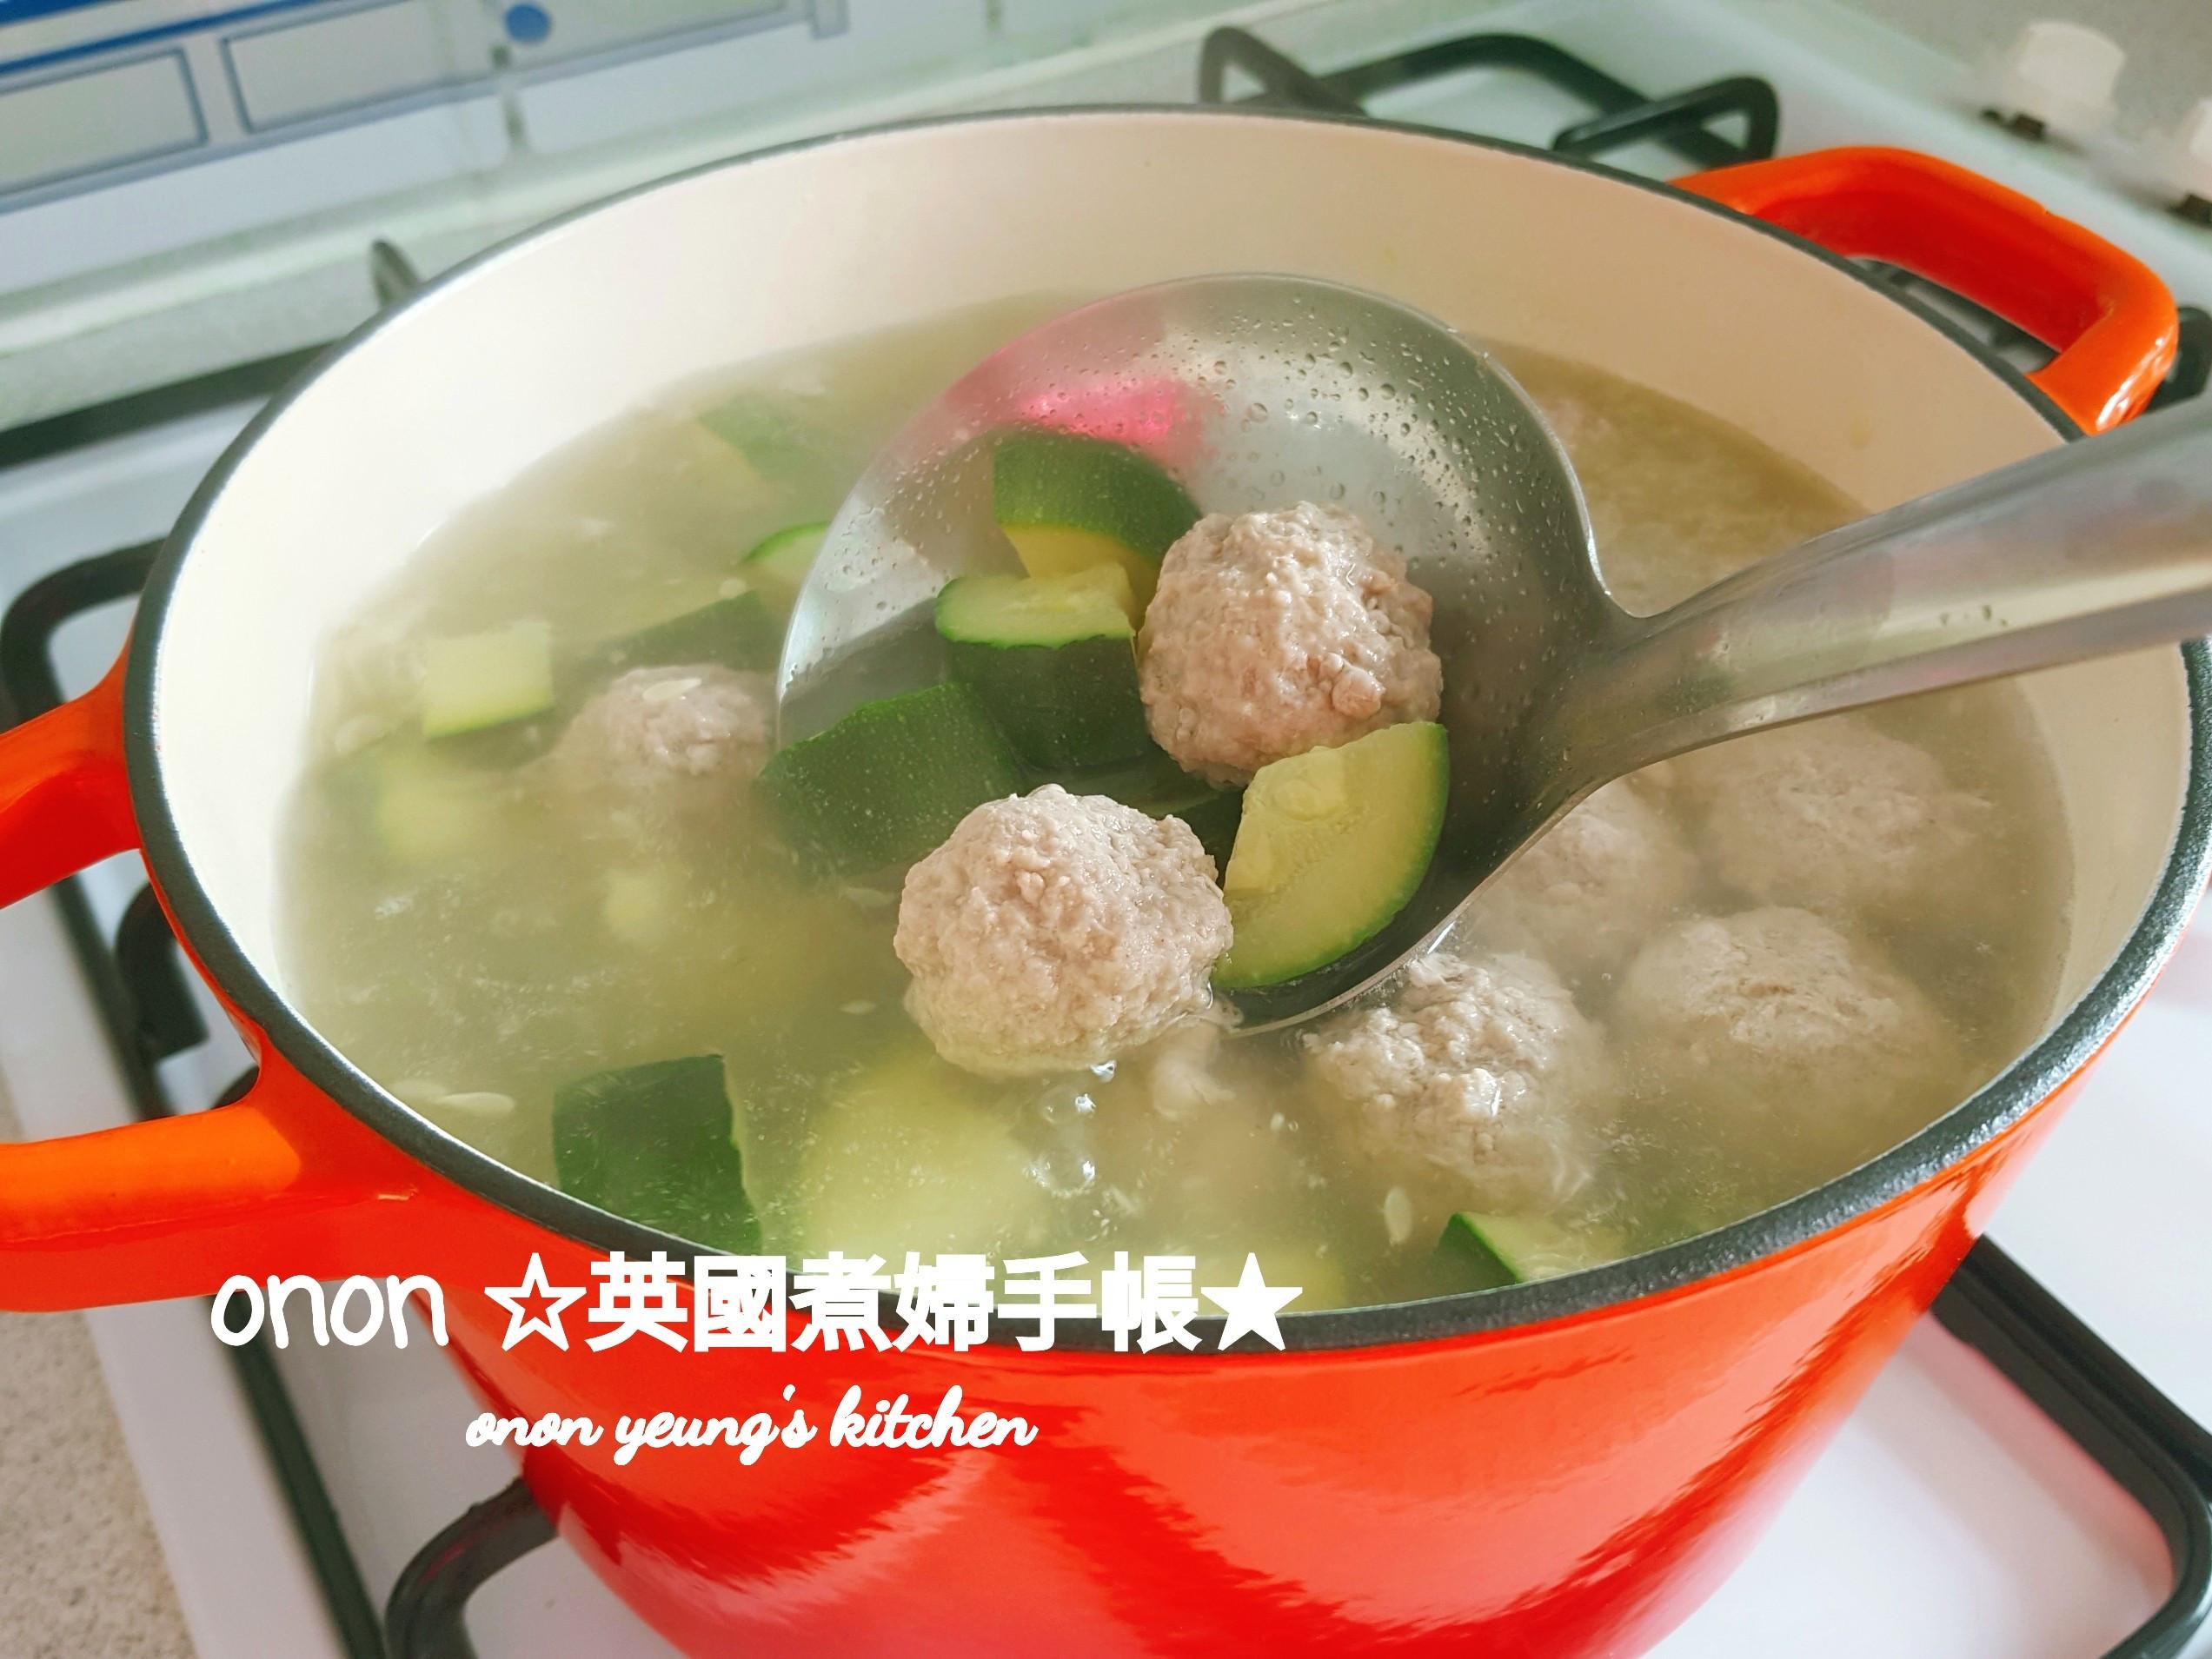 鮮甜櫛瓜肉丸子湯 簡易夏日湯水。家常菜